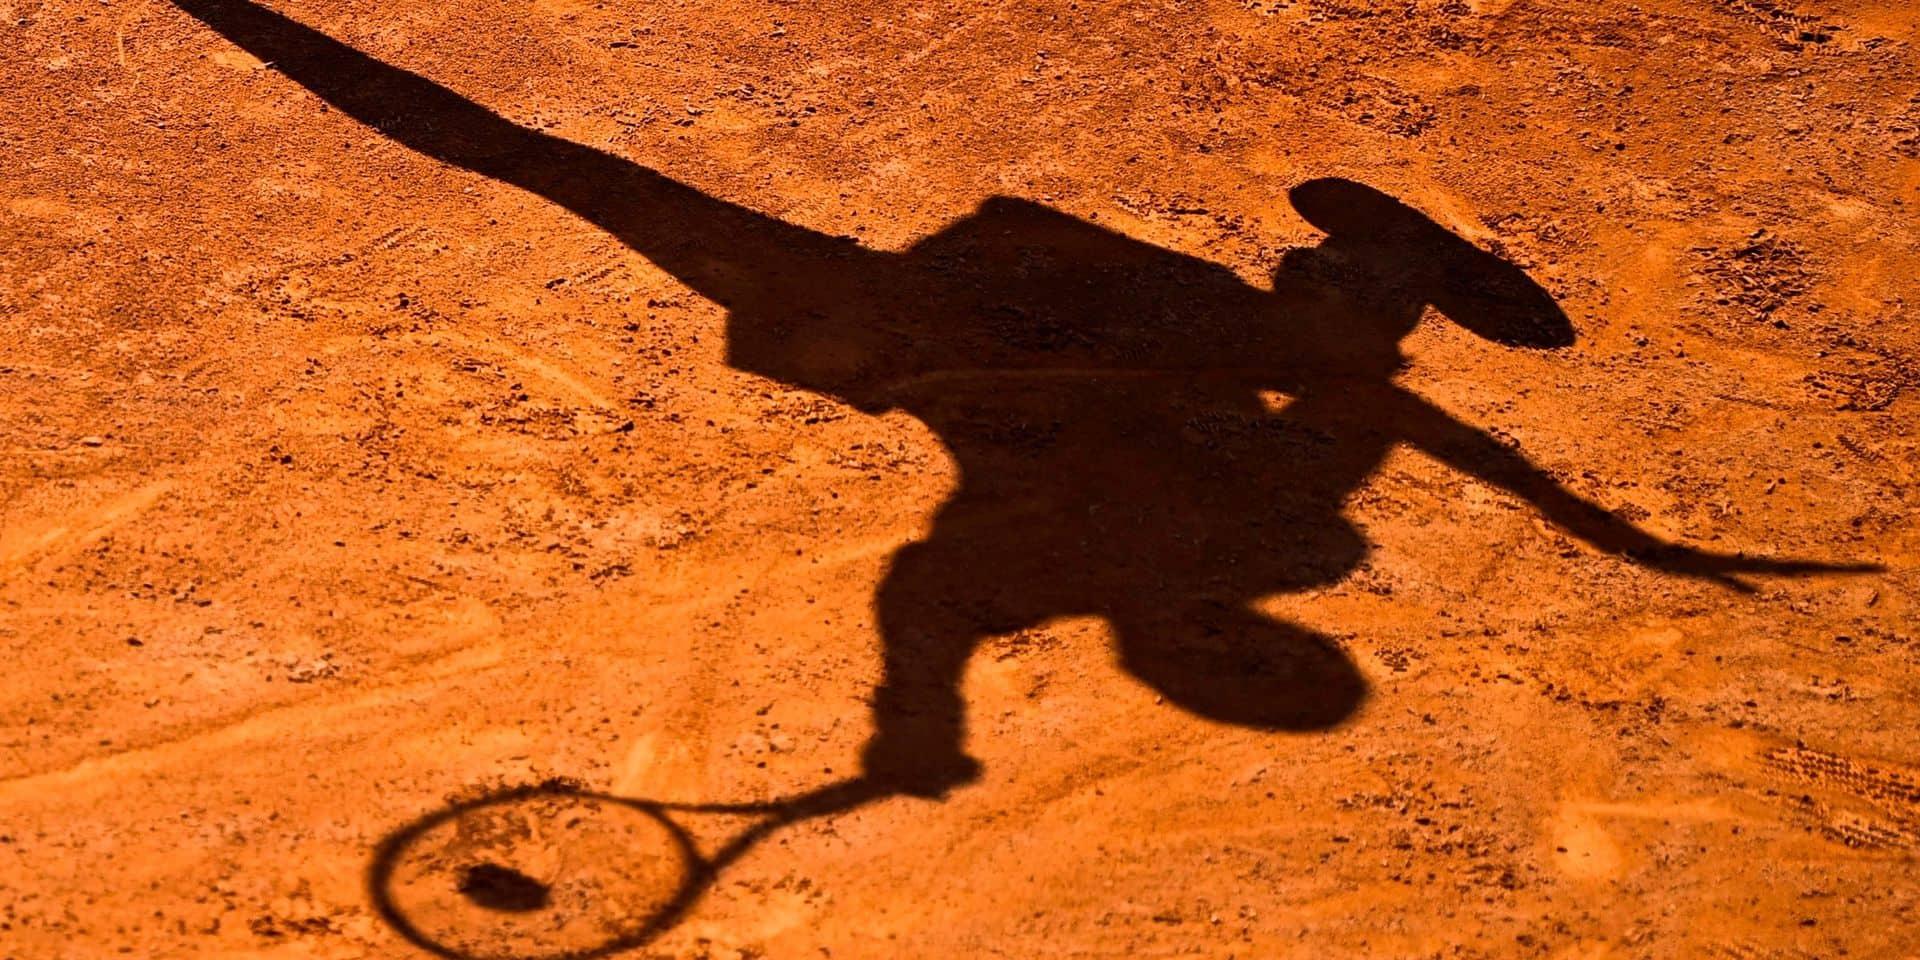 La Fed Cup change de nom et devient la Billie Jean King Cup